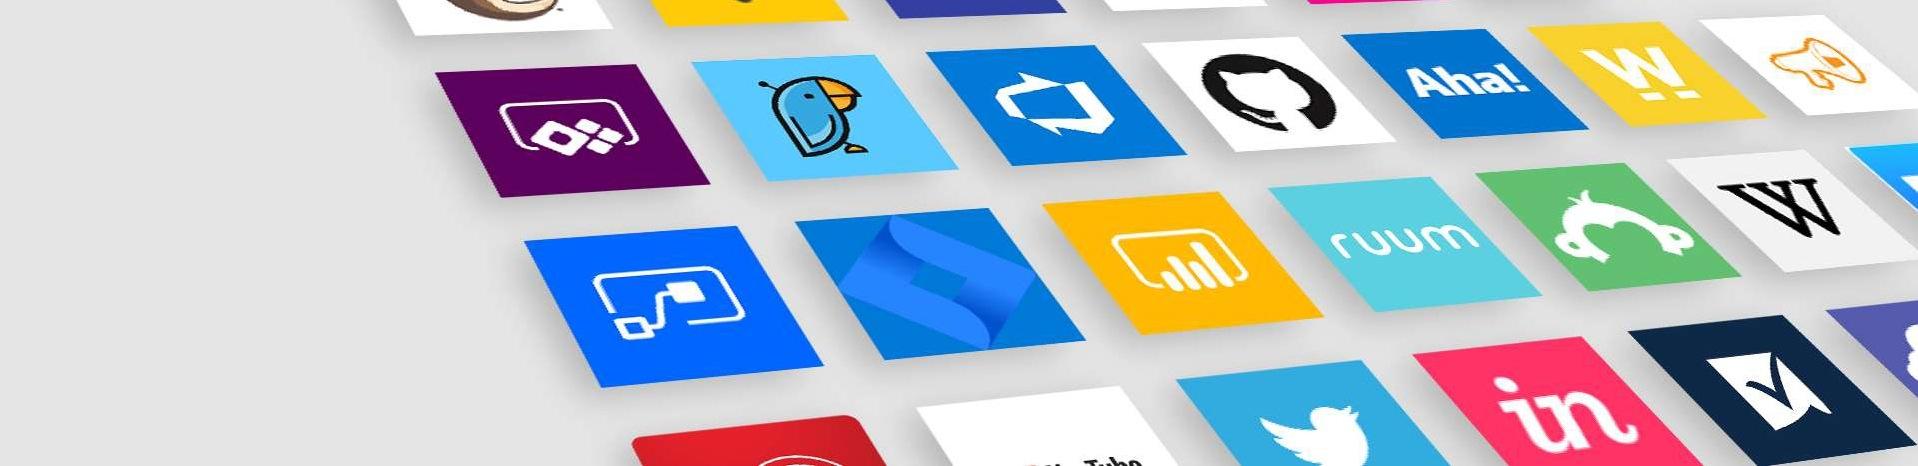 Illustration colorée montrant différents logos d'application alignés sur fond gris.